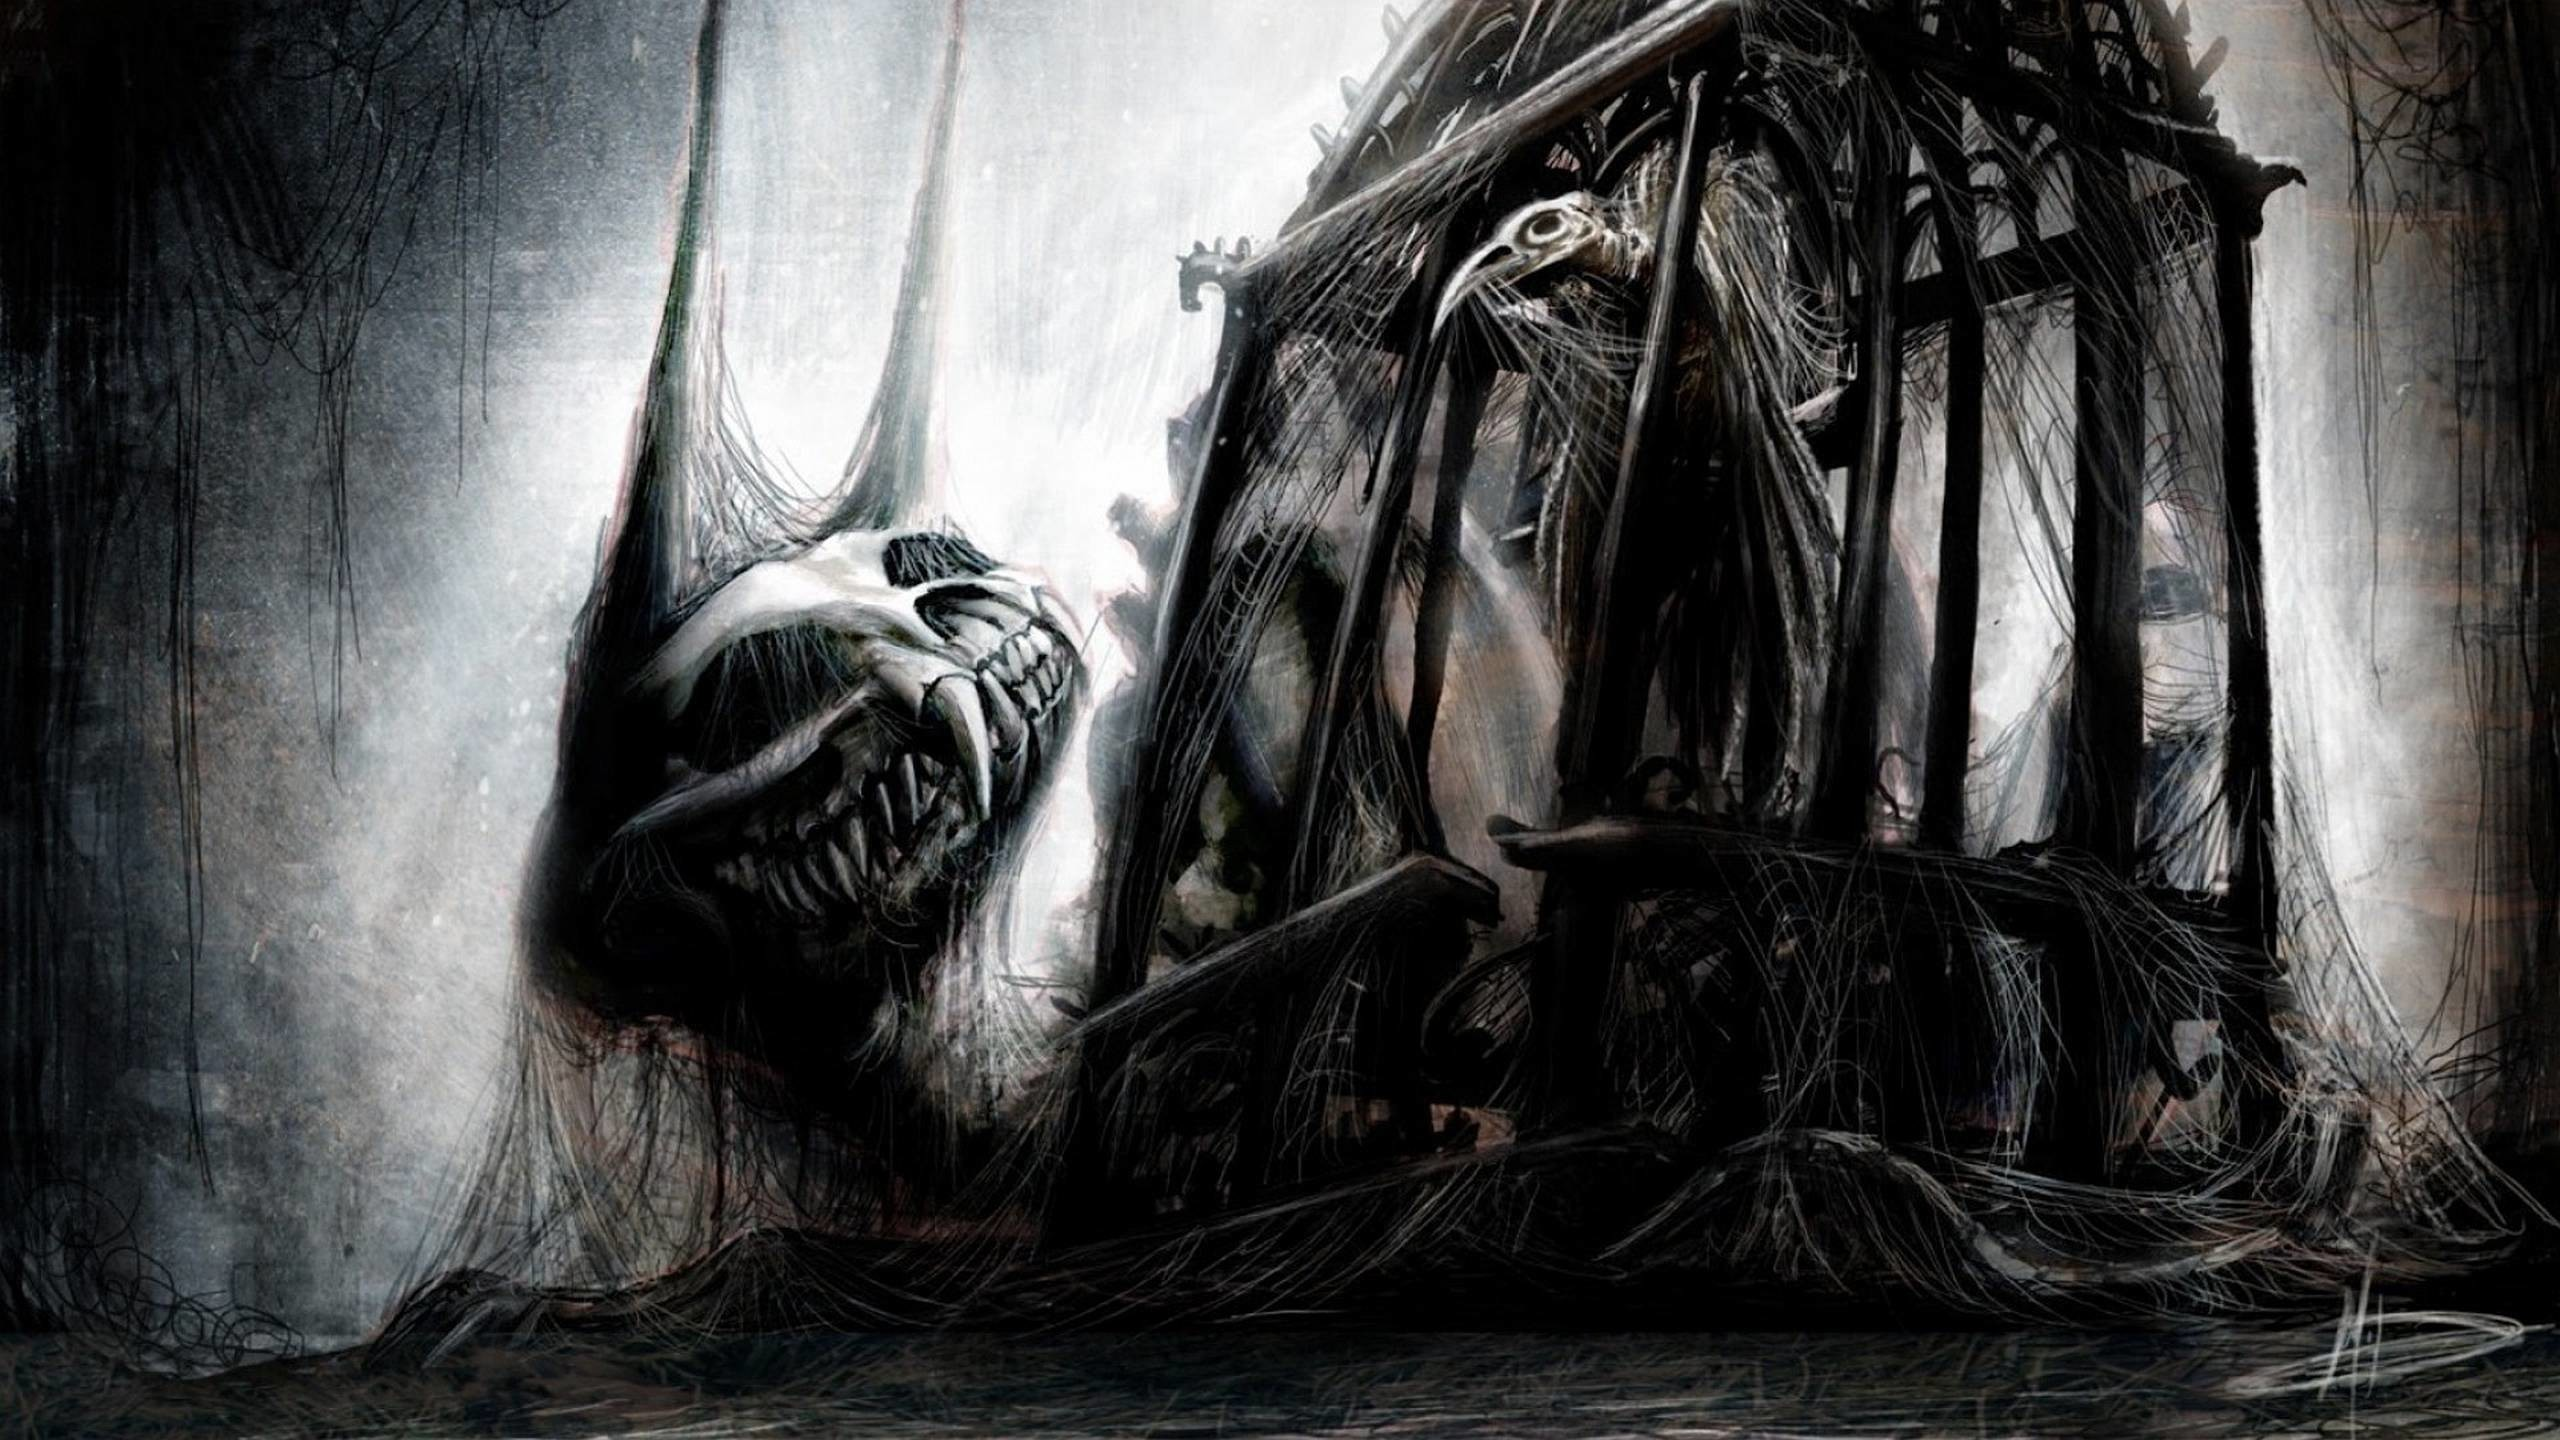 Creepy Wallpaper 245